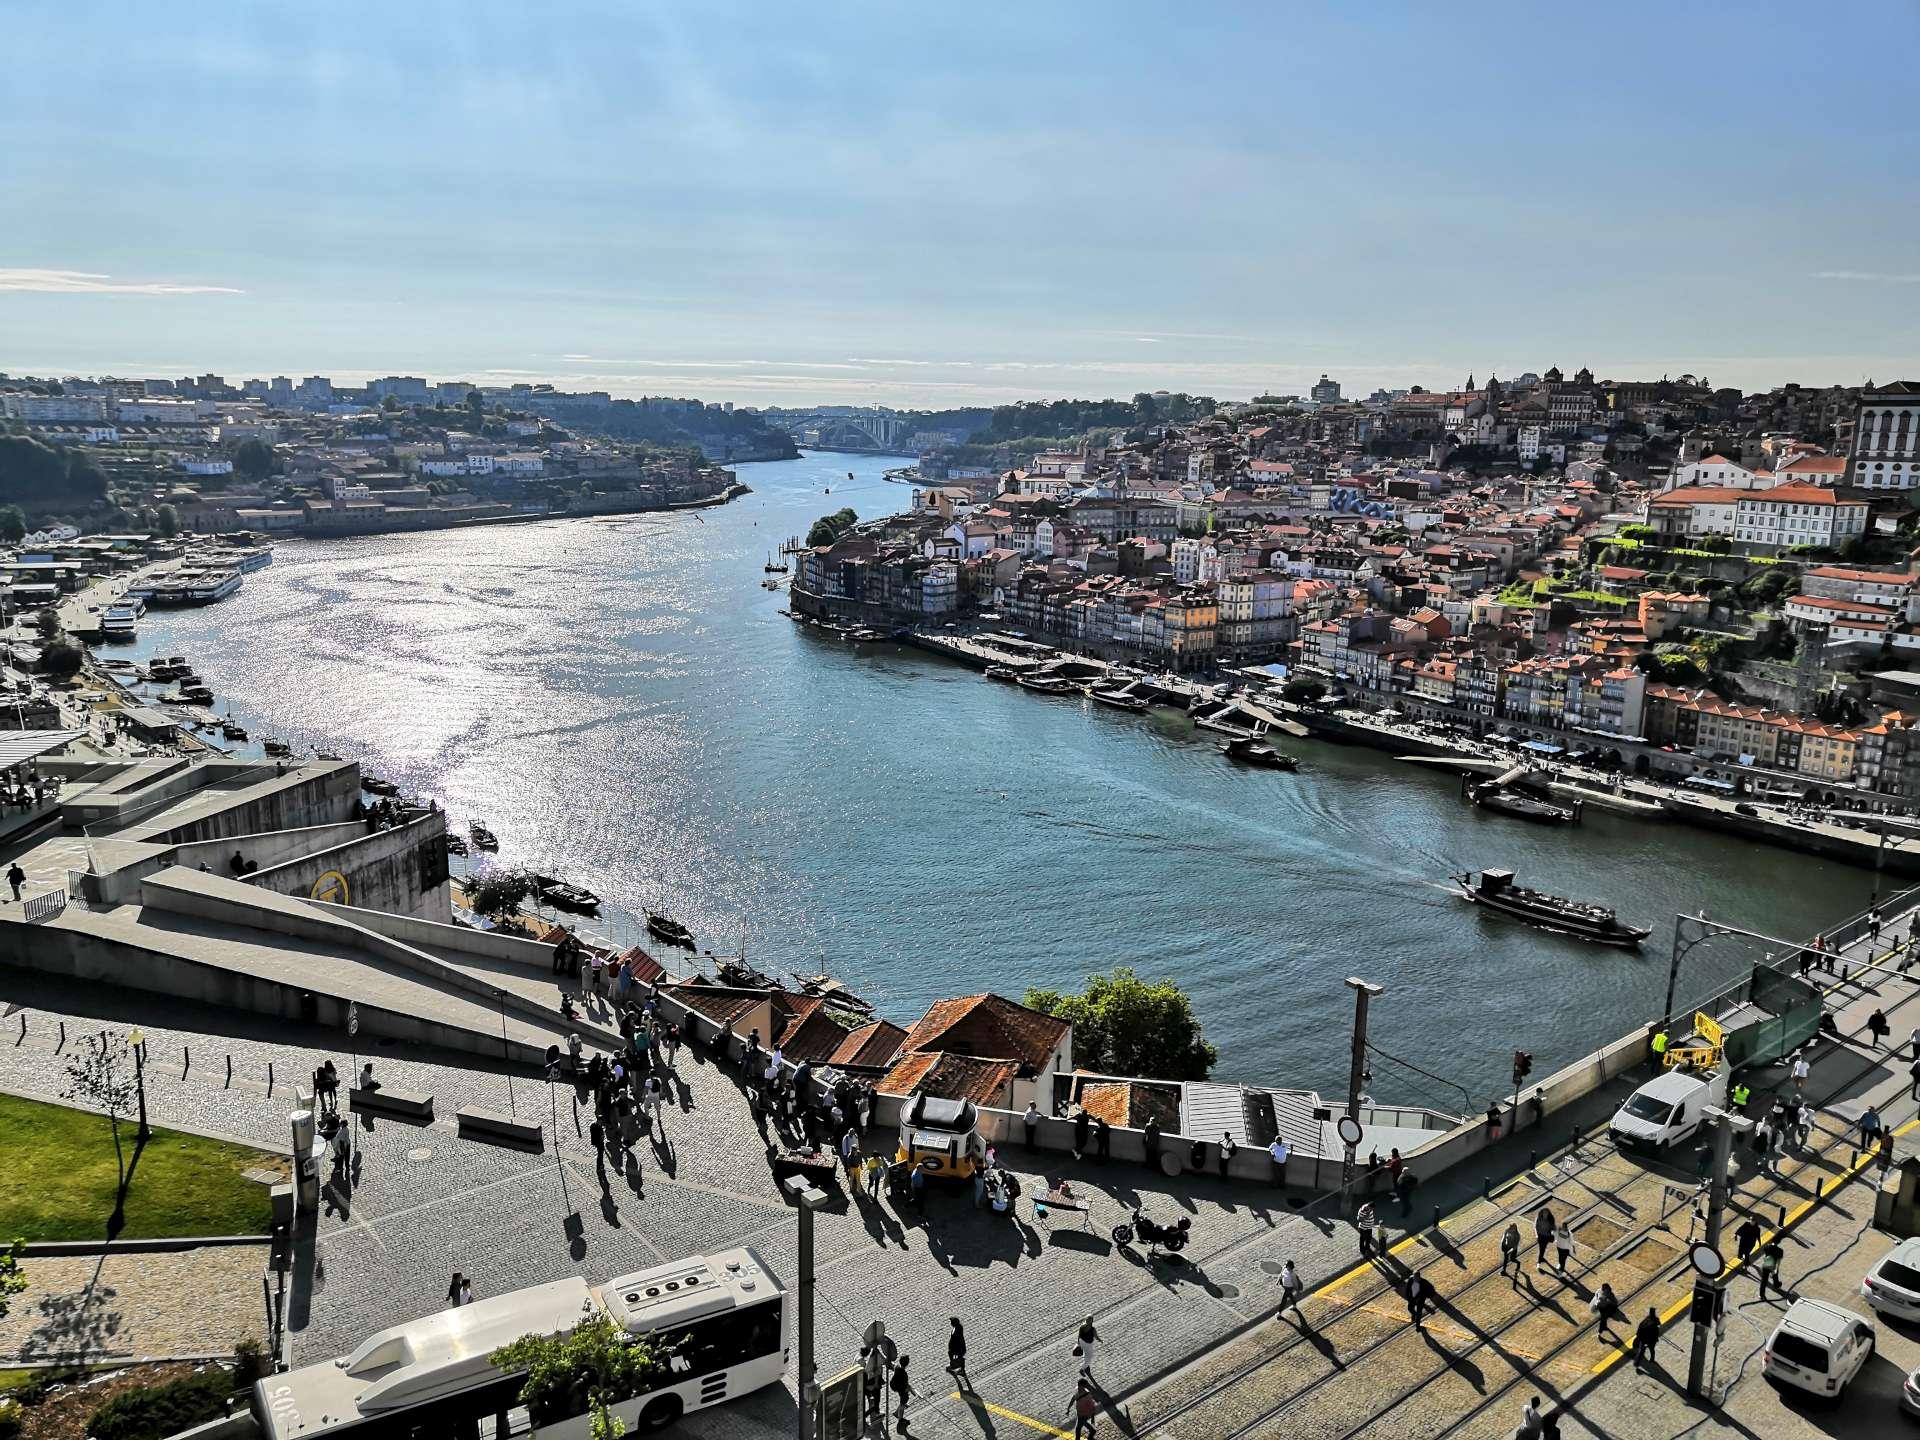 Já jsem říkal, že navečer sluníčko vyjde. Vyhlídka od chrámu Serra do Pilar patří v Gaie k nejromantičtějším.